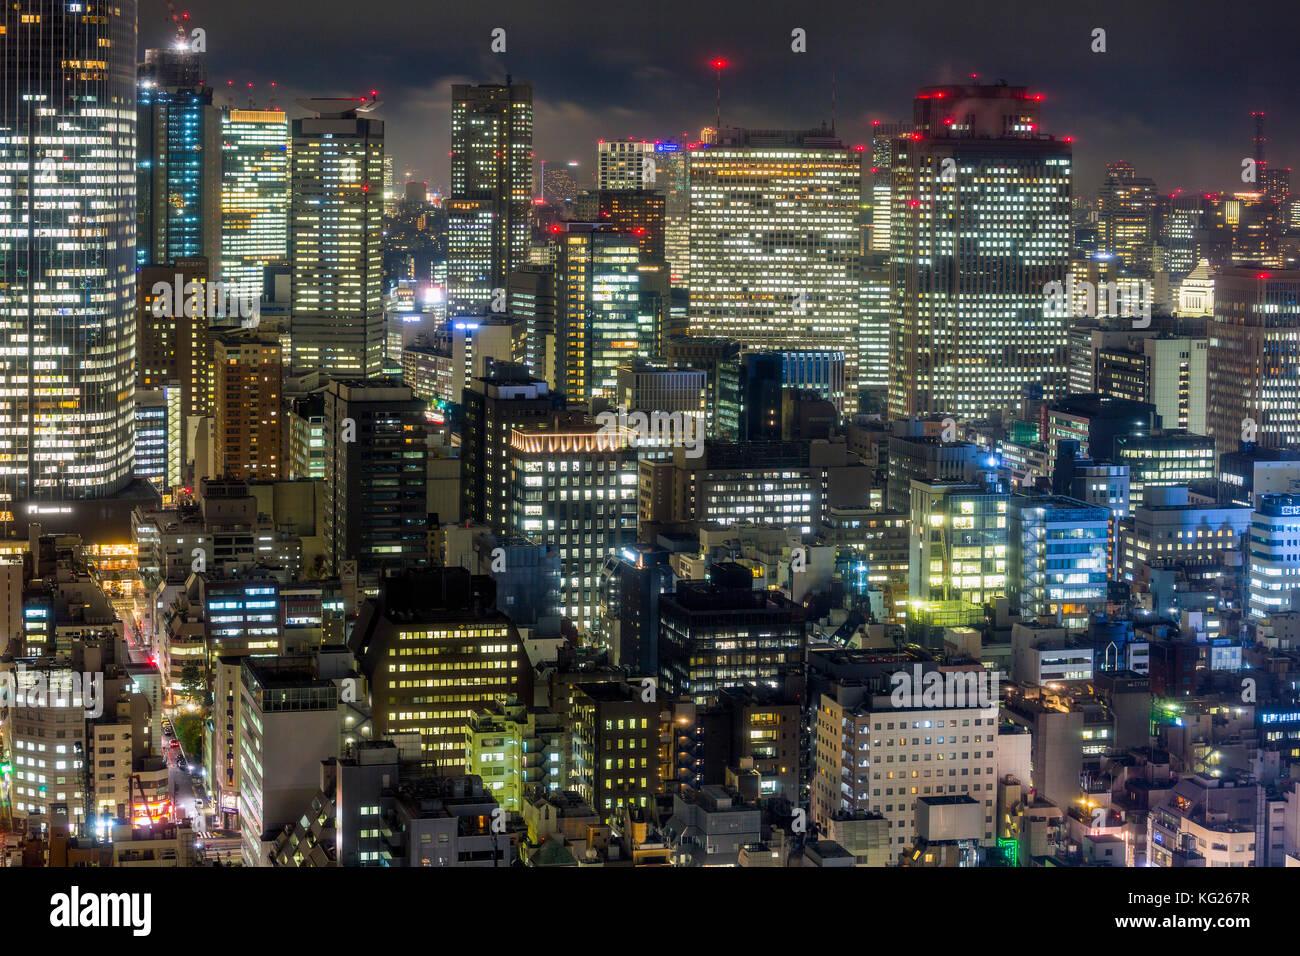 Downtown City Gebäude bei Nacht, Tokio, Japan, Asien Stockbild